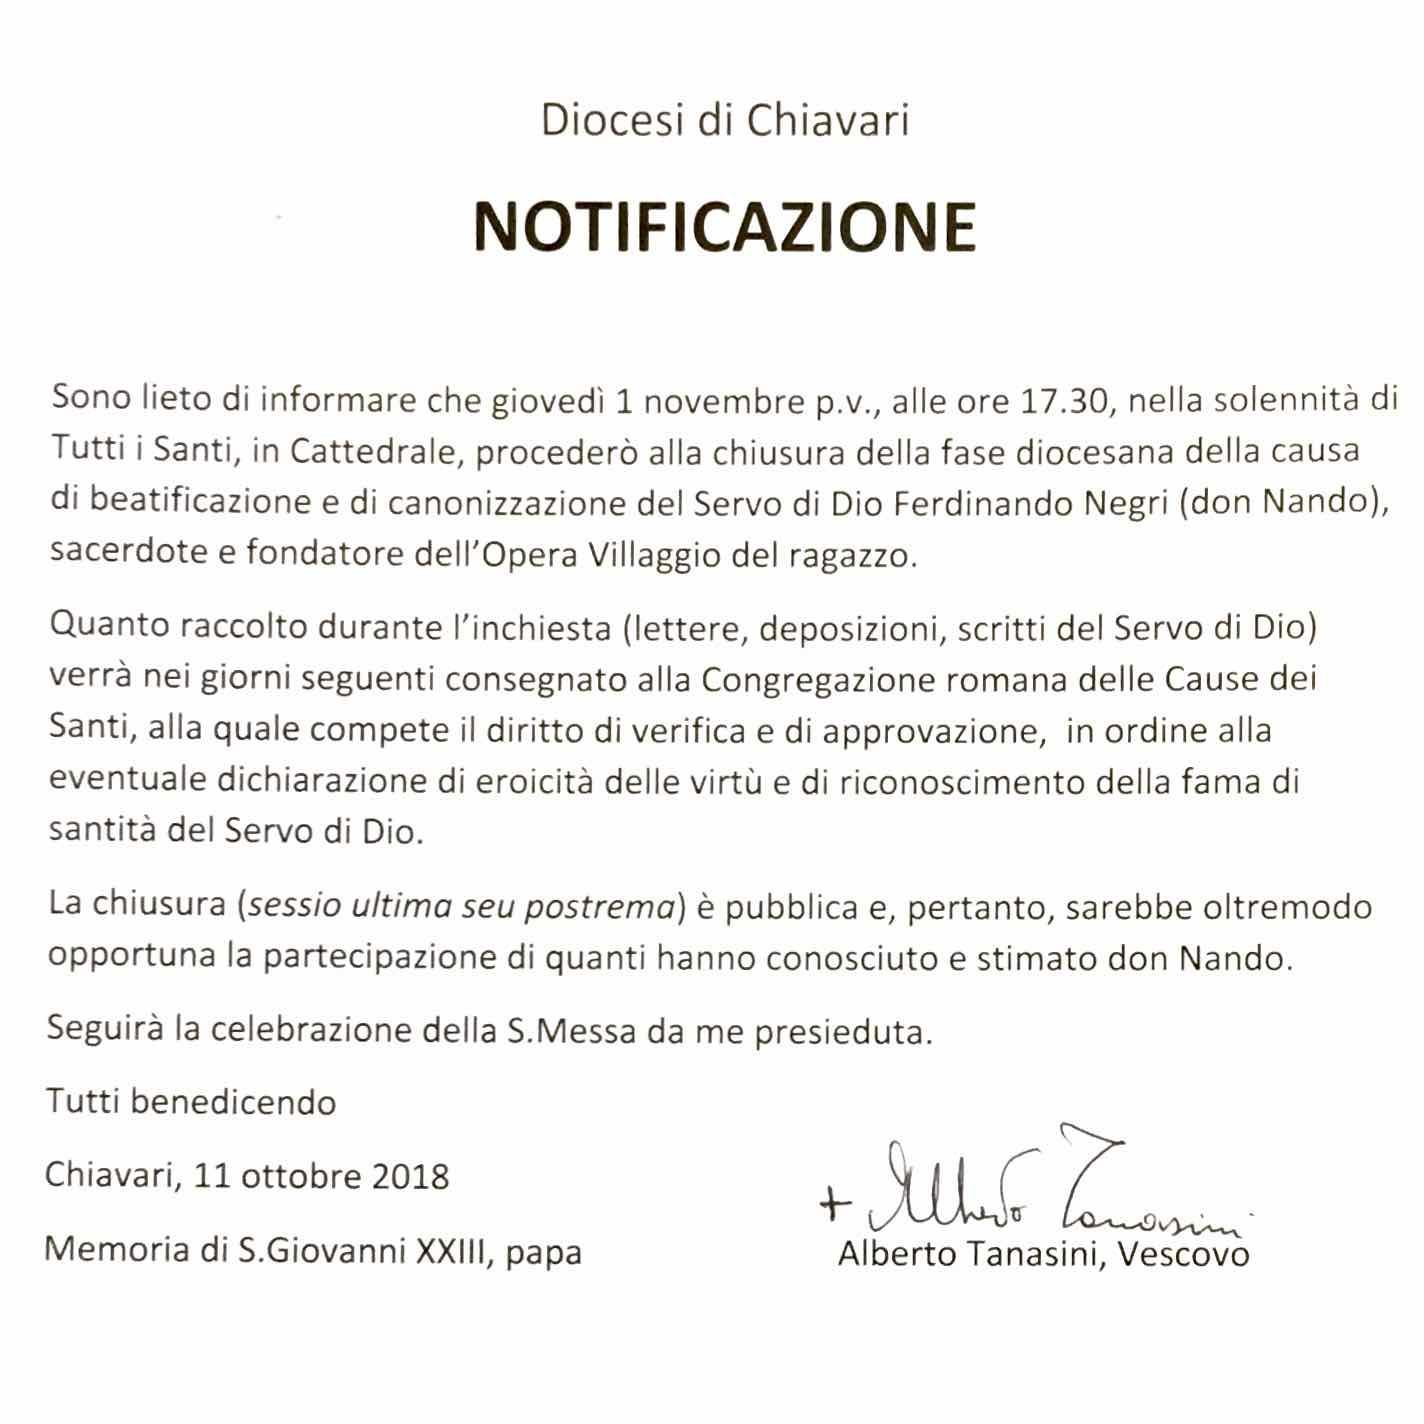 Diocesi di Chiavari - Notificazione chiusura processo diocesano beatificazione don Nando Negri